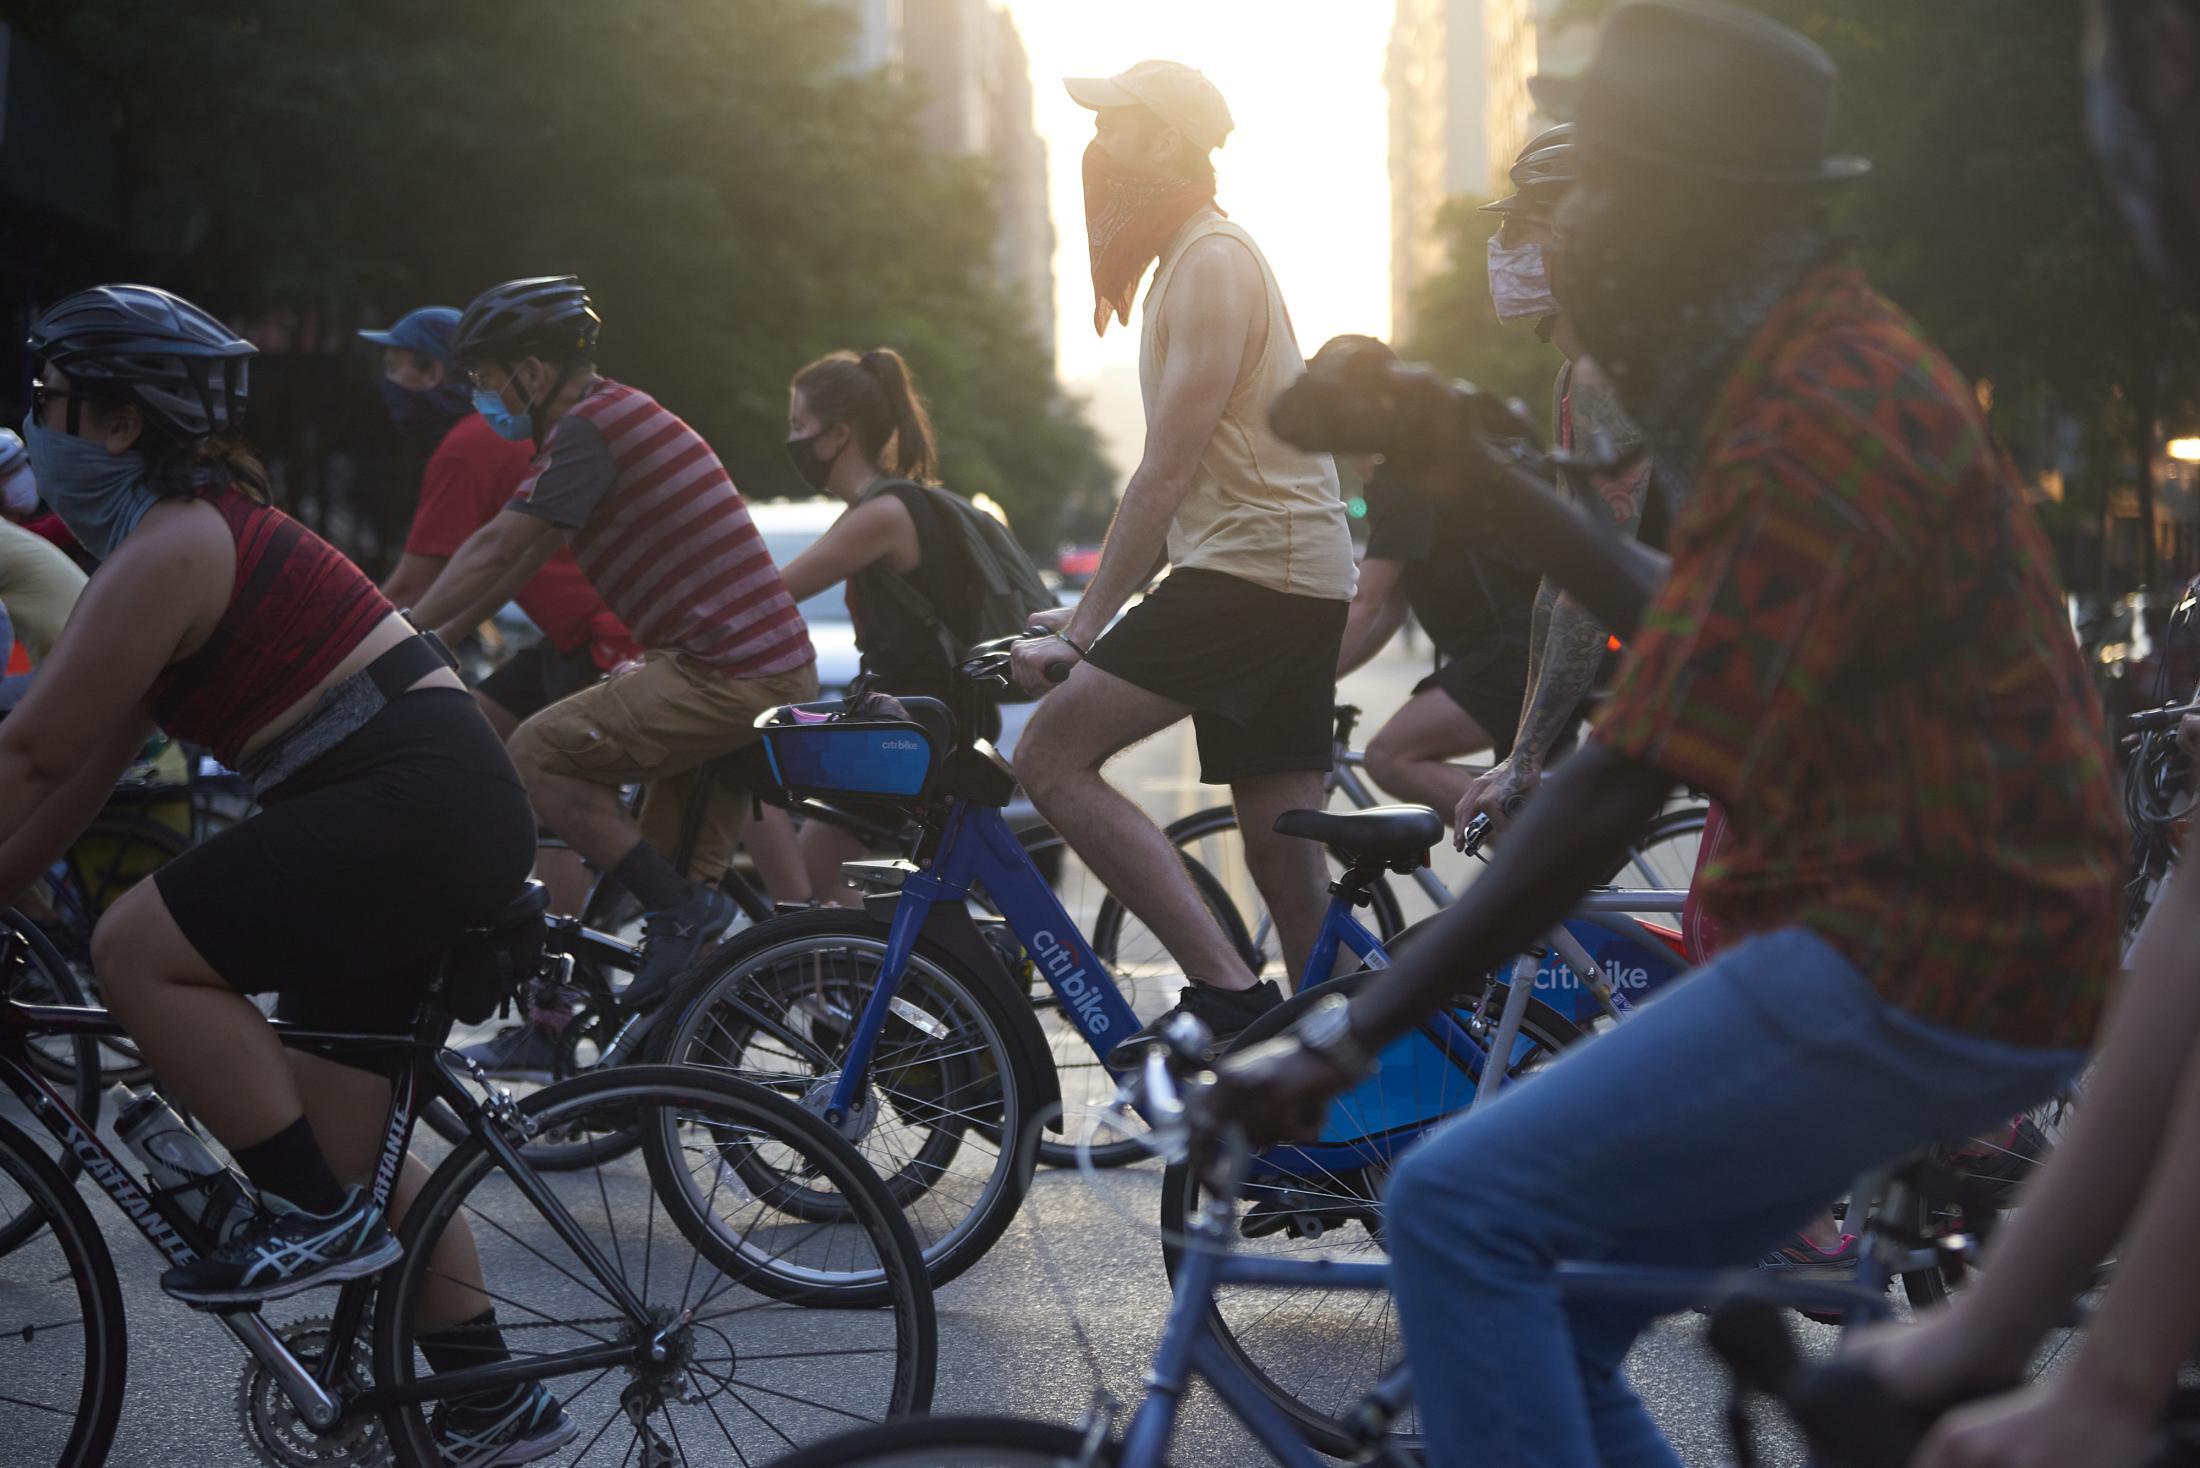 Un grupo de ciclistas marchando por Manhattan, Nueva York, en apoyo al movimiento BLM. El grupo Street Riders ha logrado convocar a miles de ciclistas adherentes a BLM, en una forma estratégica de ocupar las calles y generar una presencia alternativa a las marchas y ocupaciones de parques o puentes en la ciudad de Nueva York.